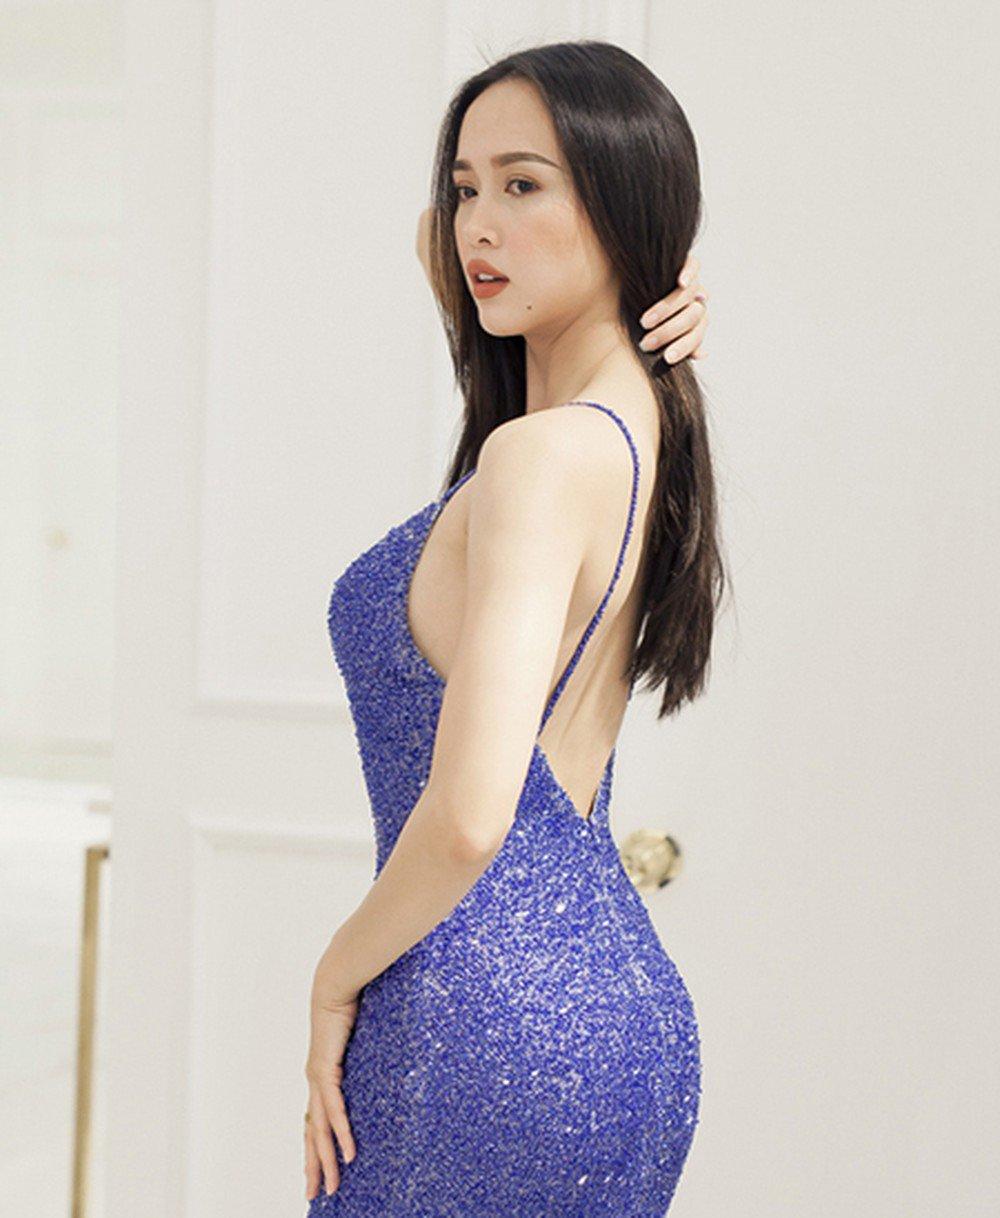 Không phải Ngọc Trinh, đây là mỹ nhân được 'ông trùm chân dài' khen có body đẹp nhất Việt Nam - Ảnh 7